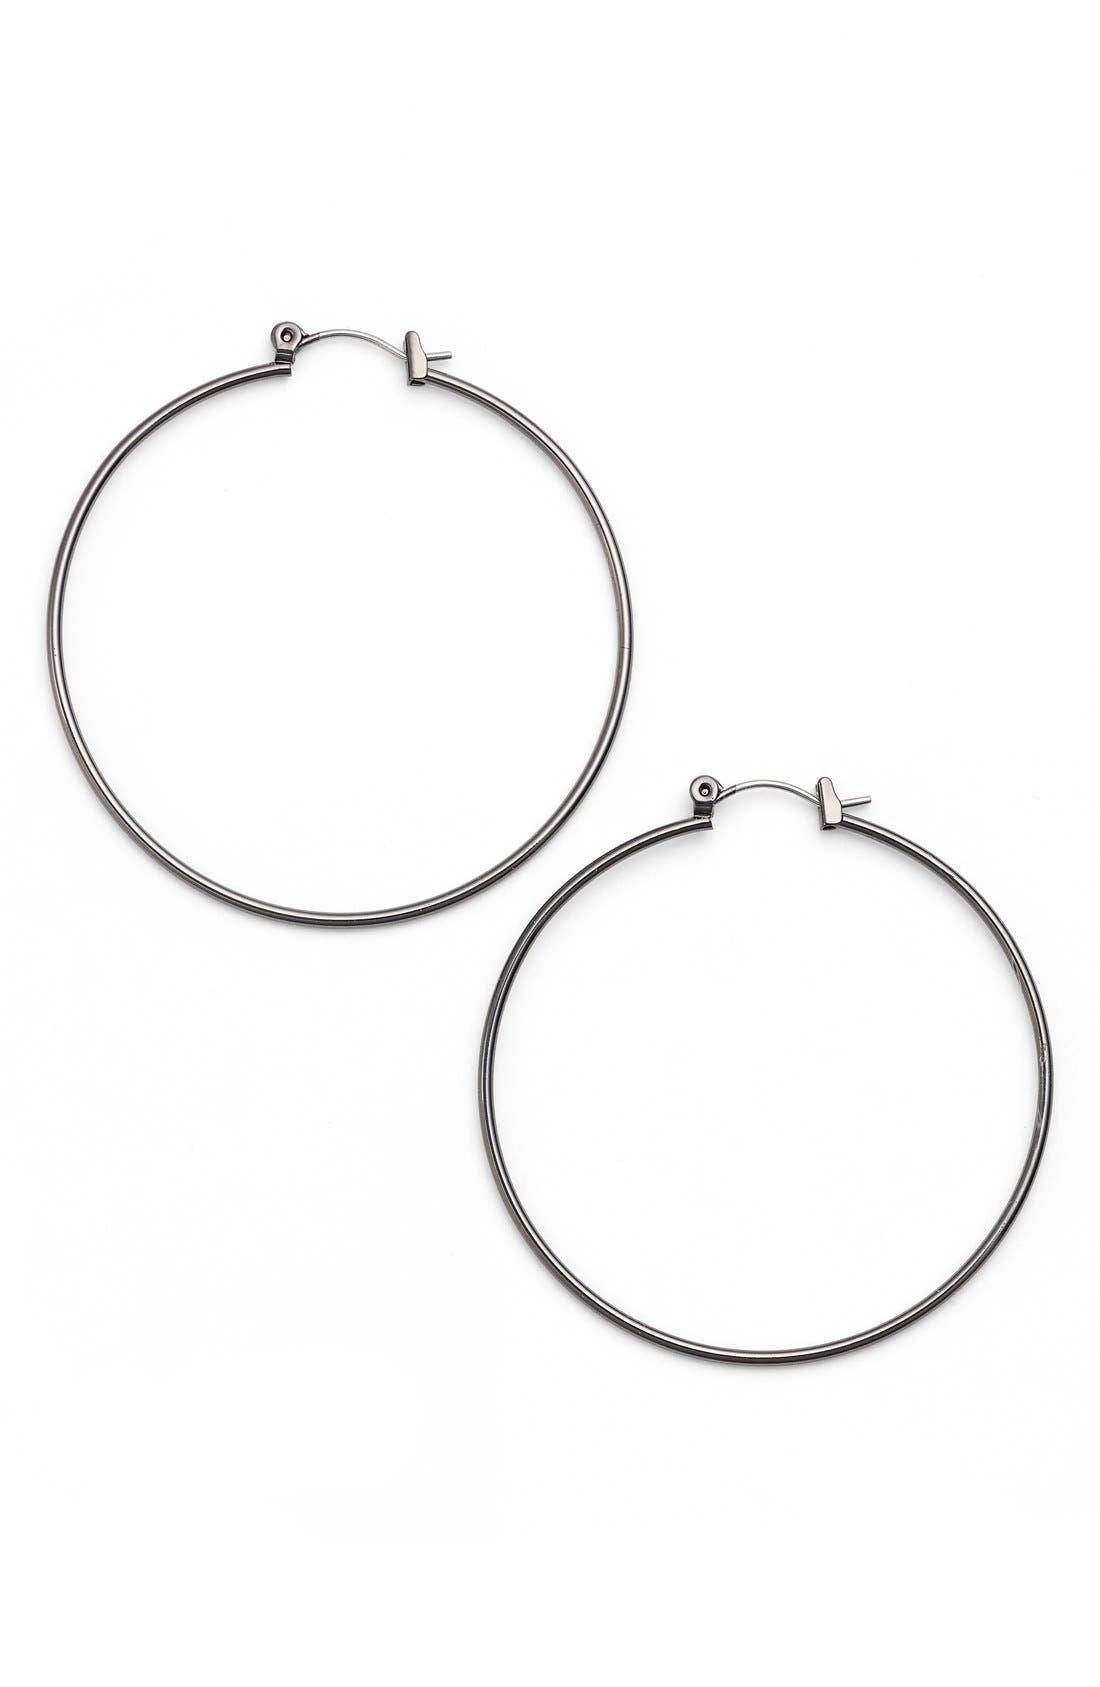 Alternate Image 1 Selected - Nordstrom 'Medium Whisper' Hoop Earrings